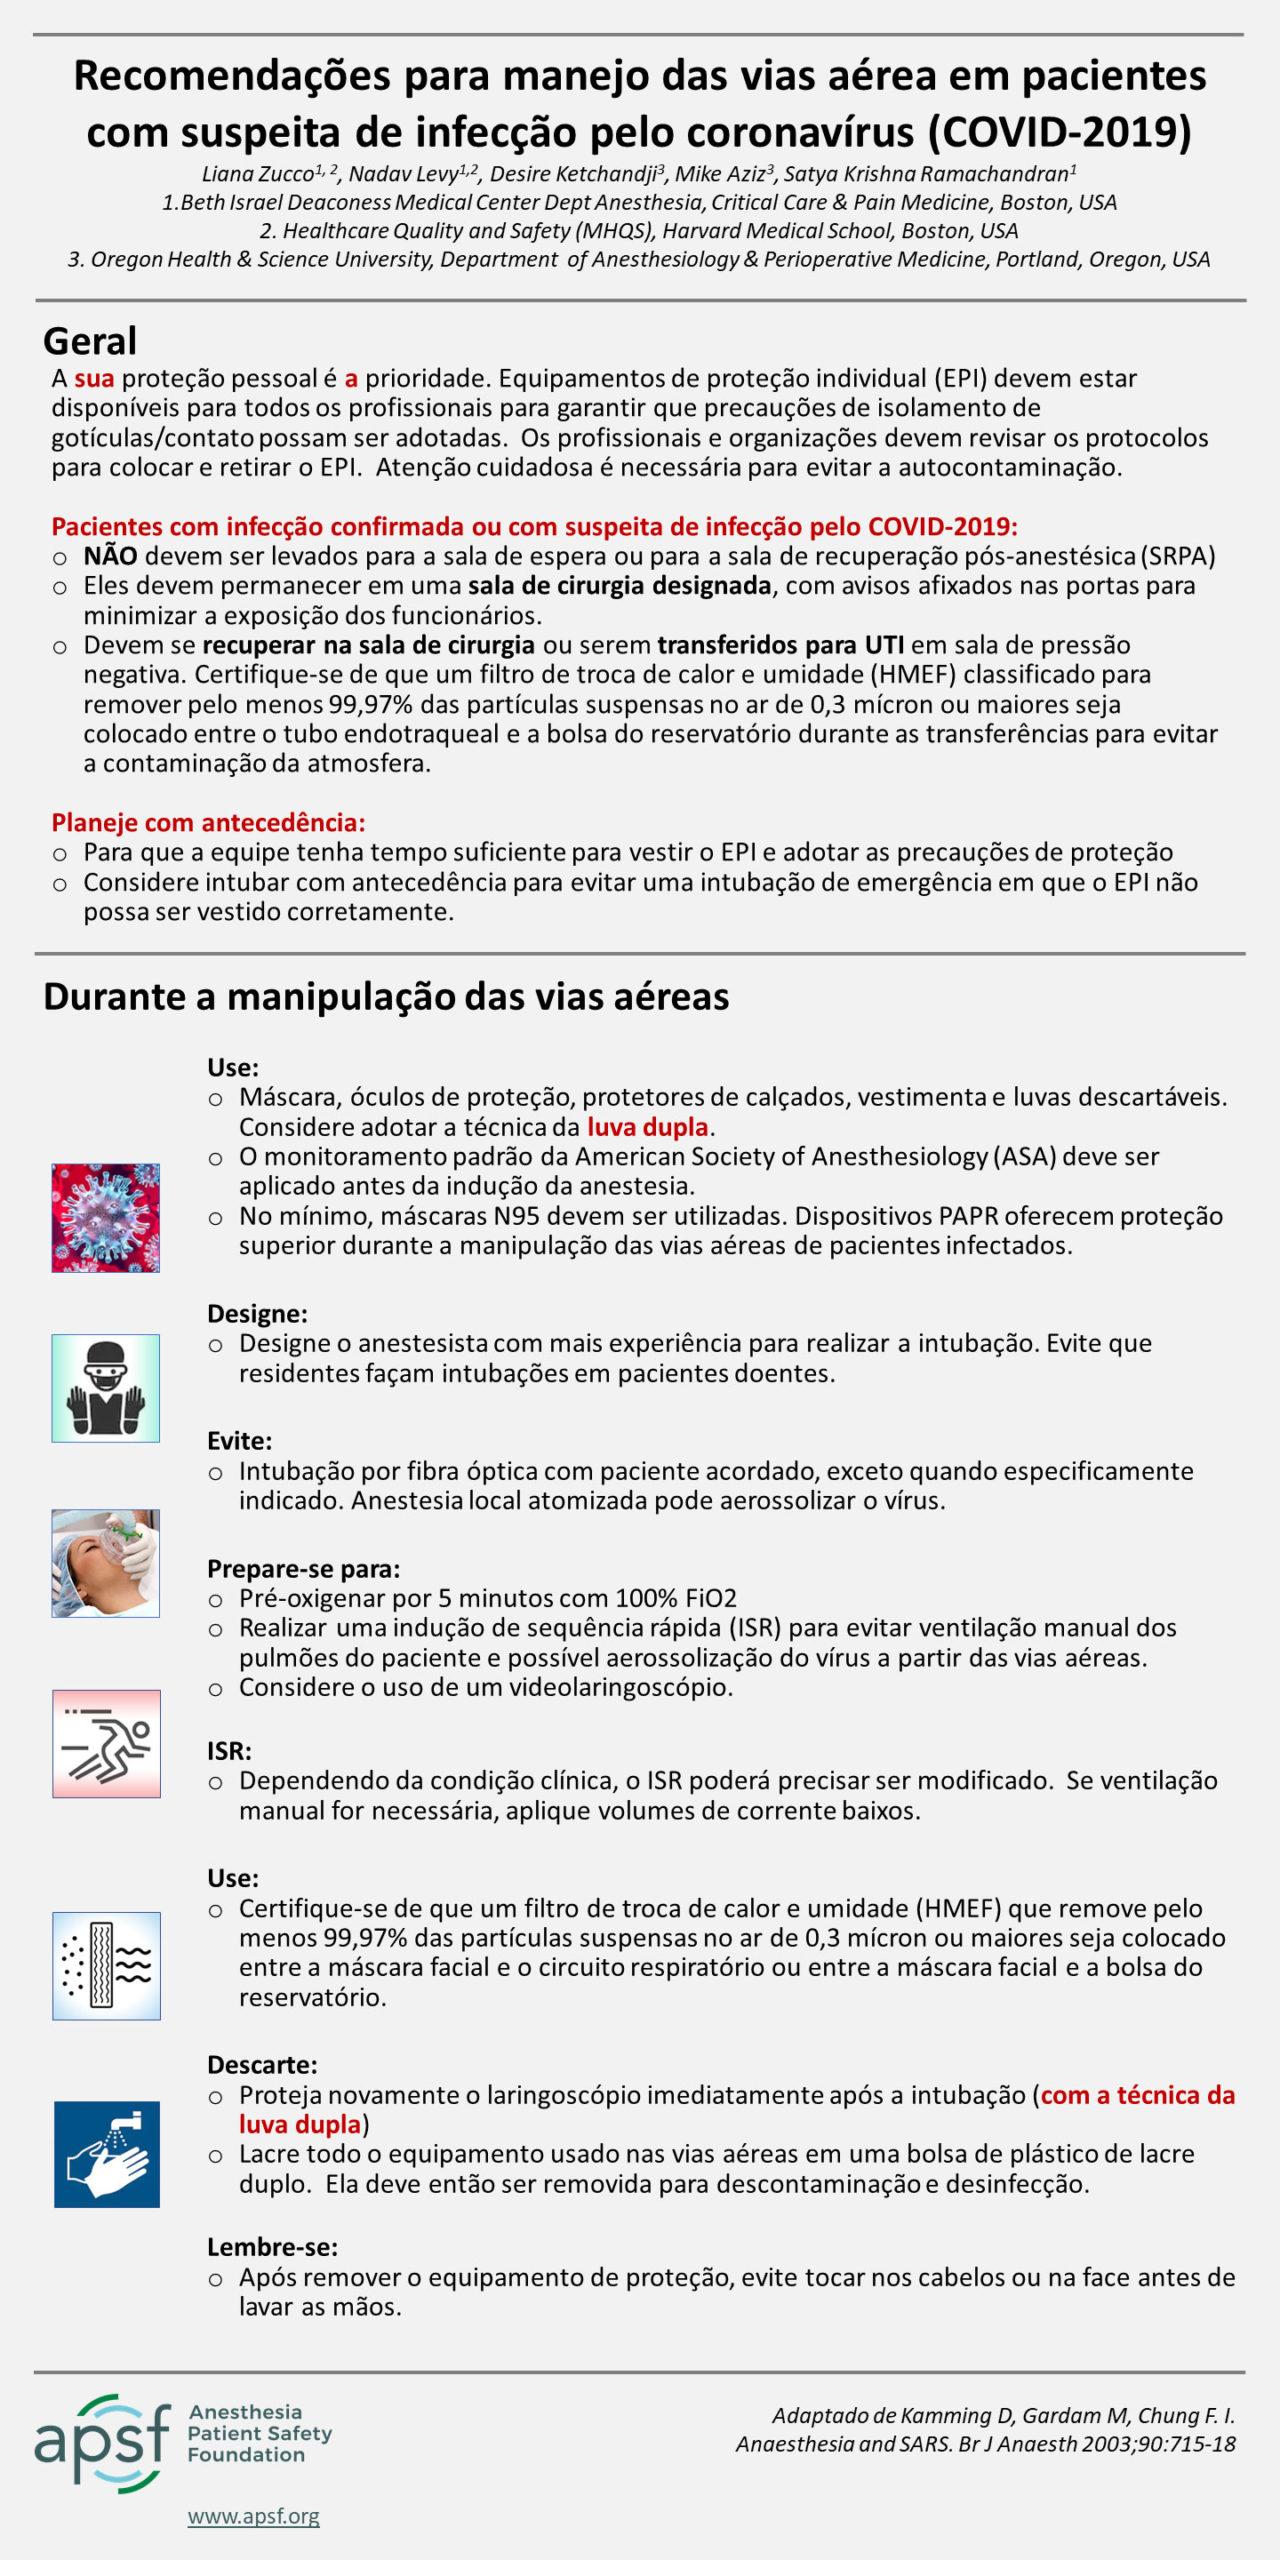 Recomendações para manejo das vias aérea em pacientes com suspeita de infecção pelo coronavírus (COVID-2019)